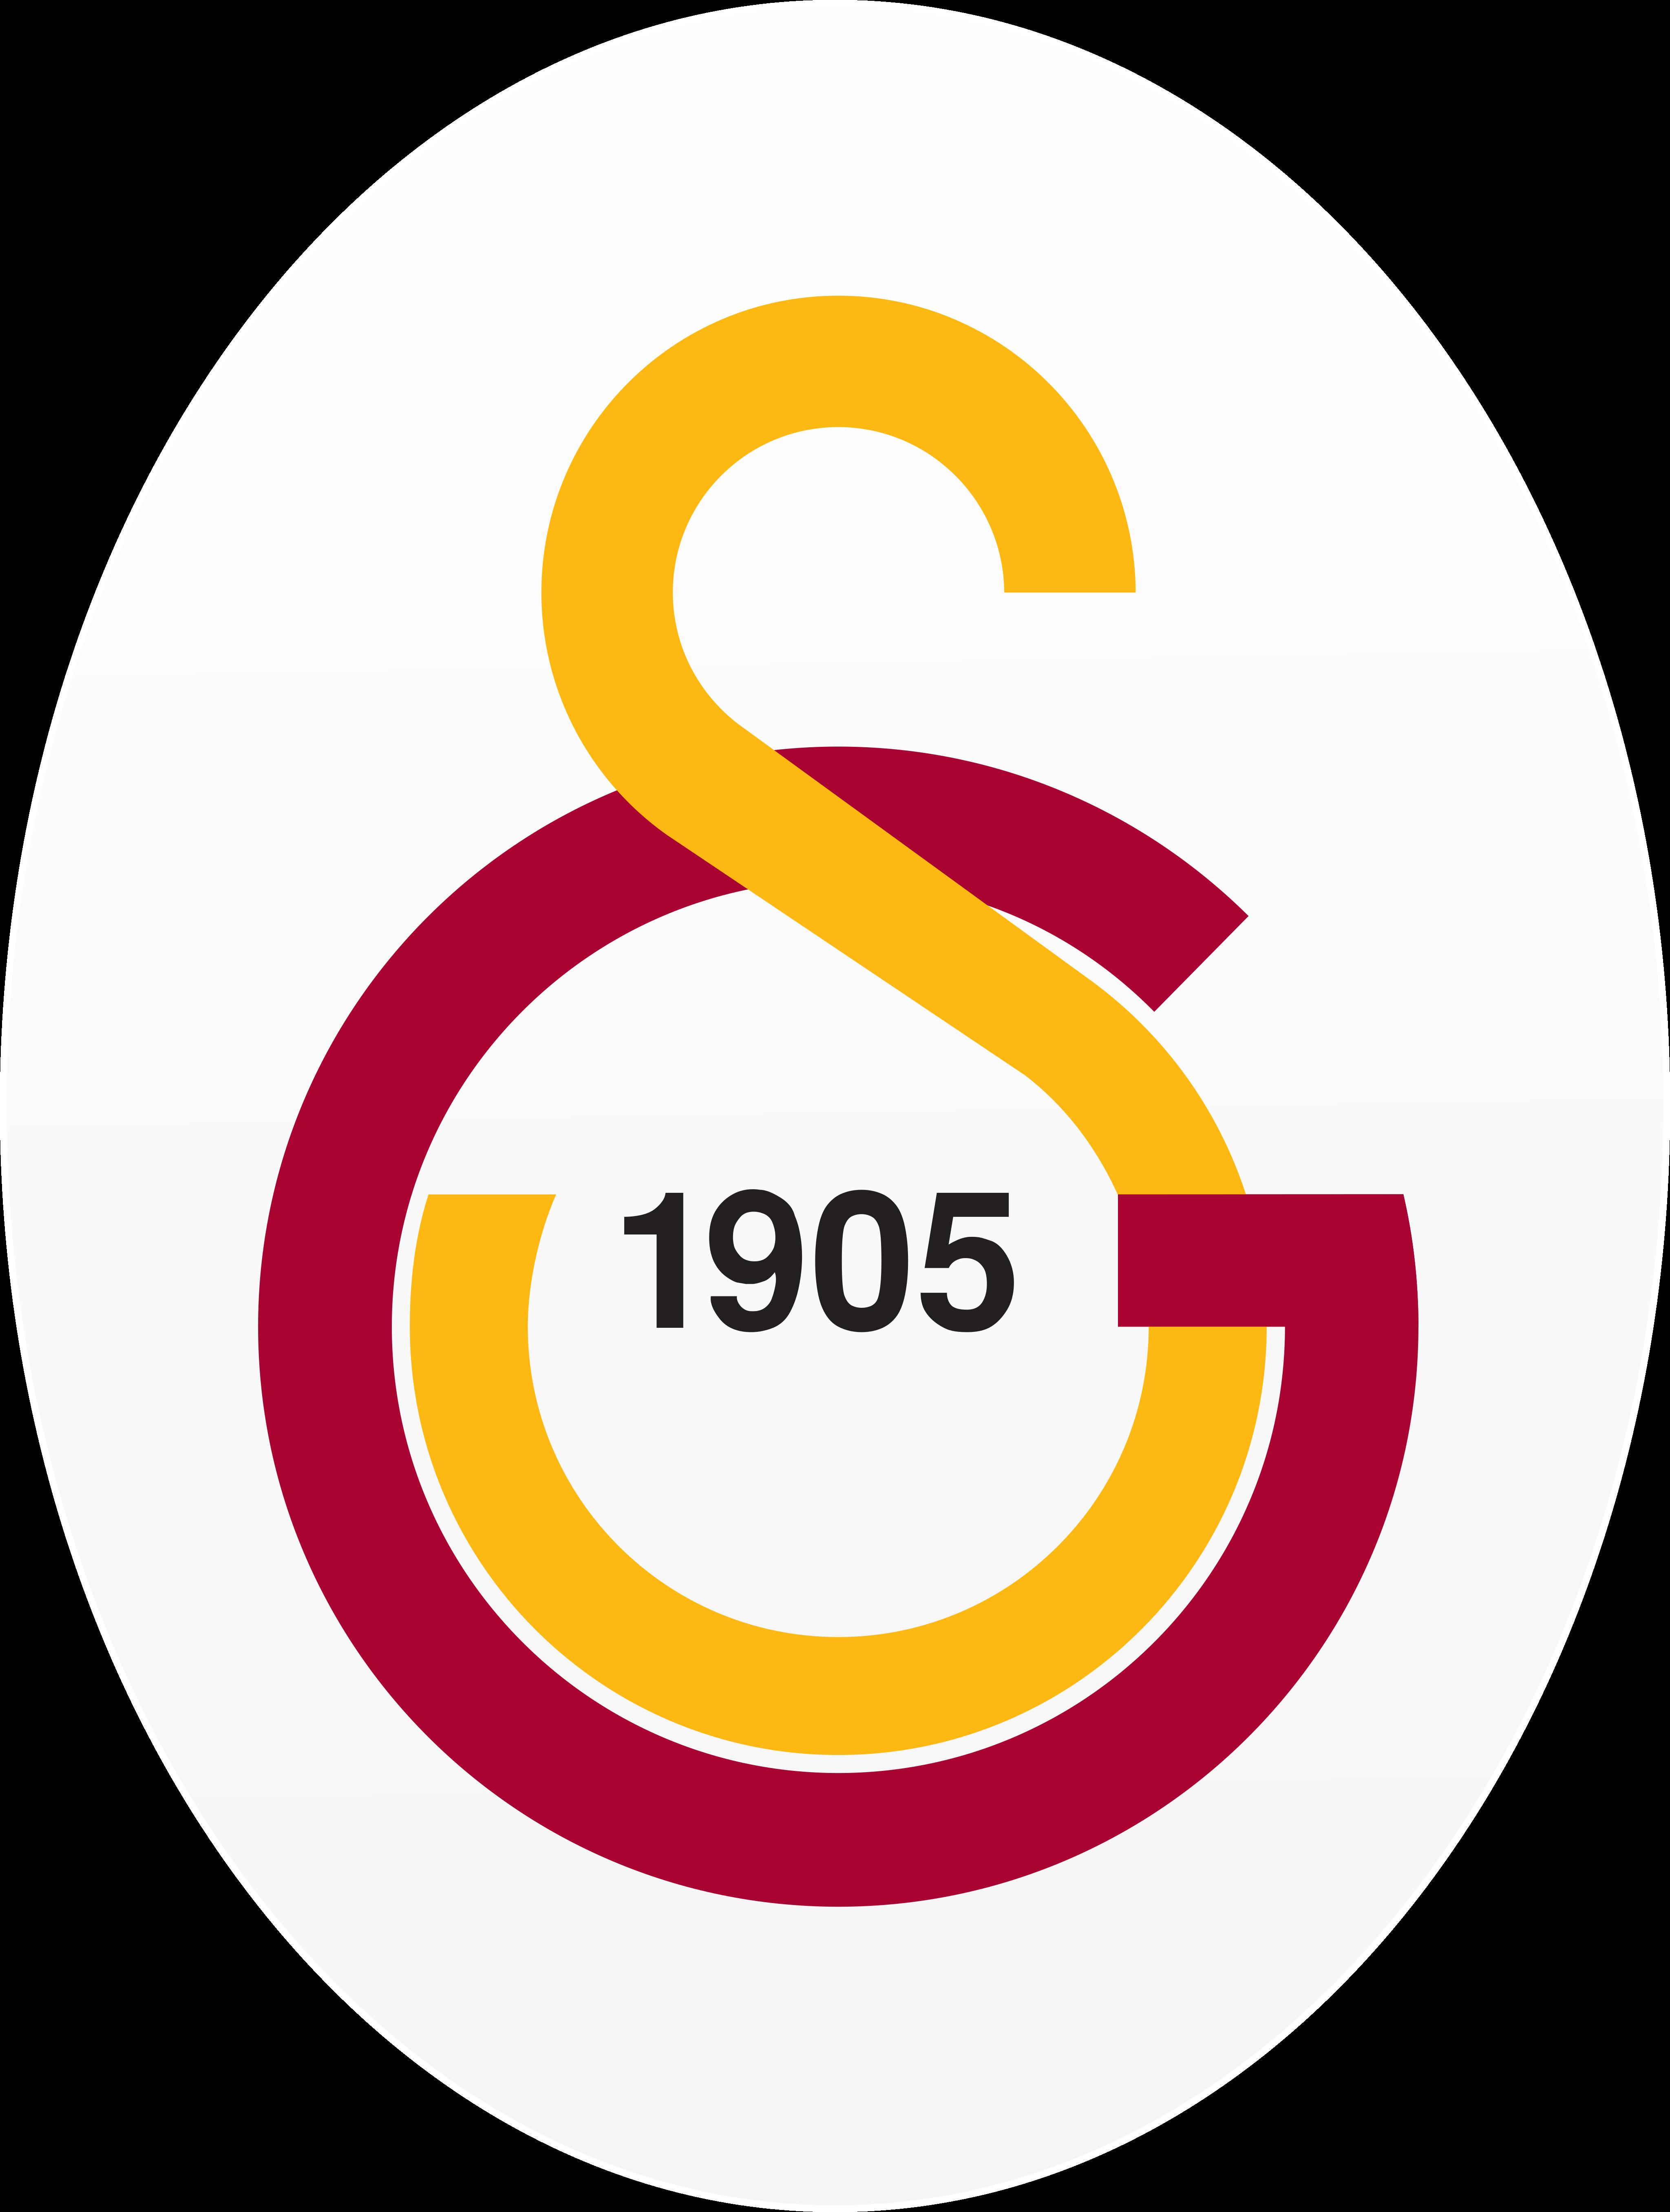 galatasaray logo 1 - Galatasaray SK Logo